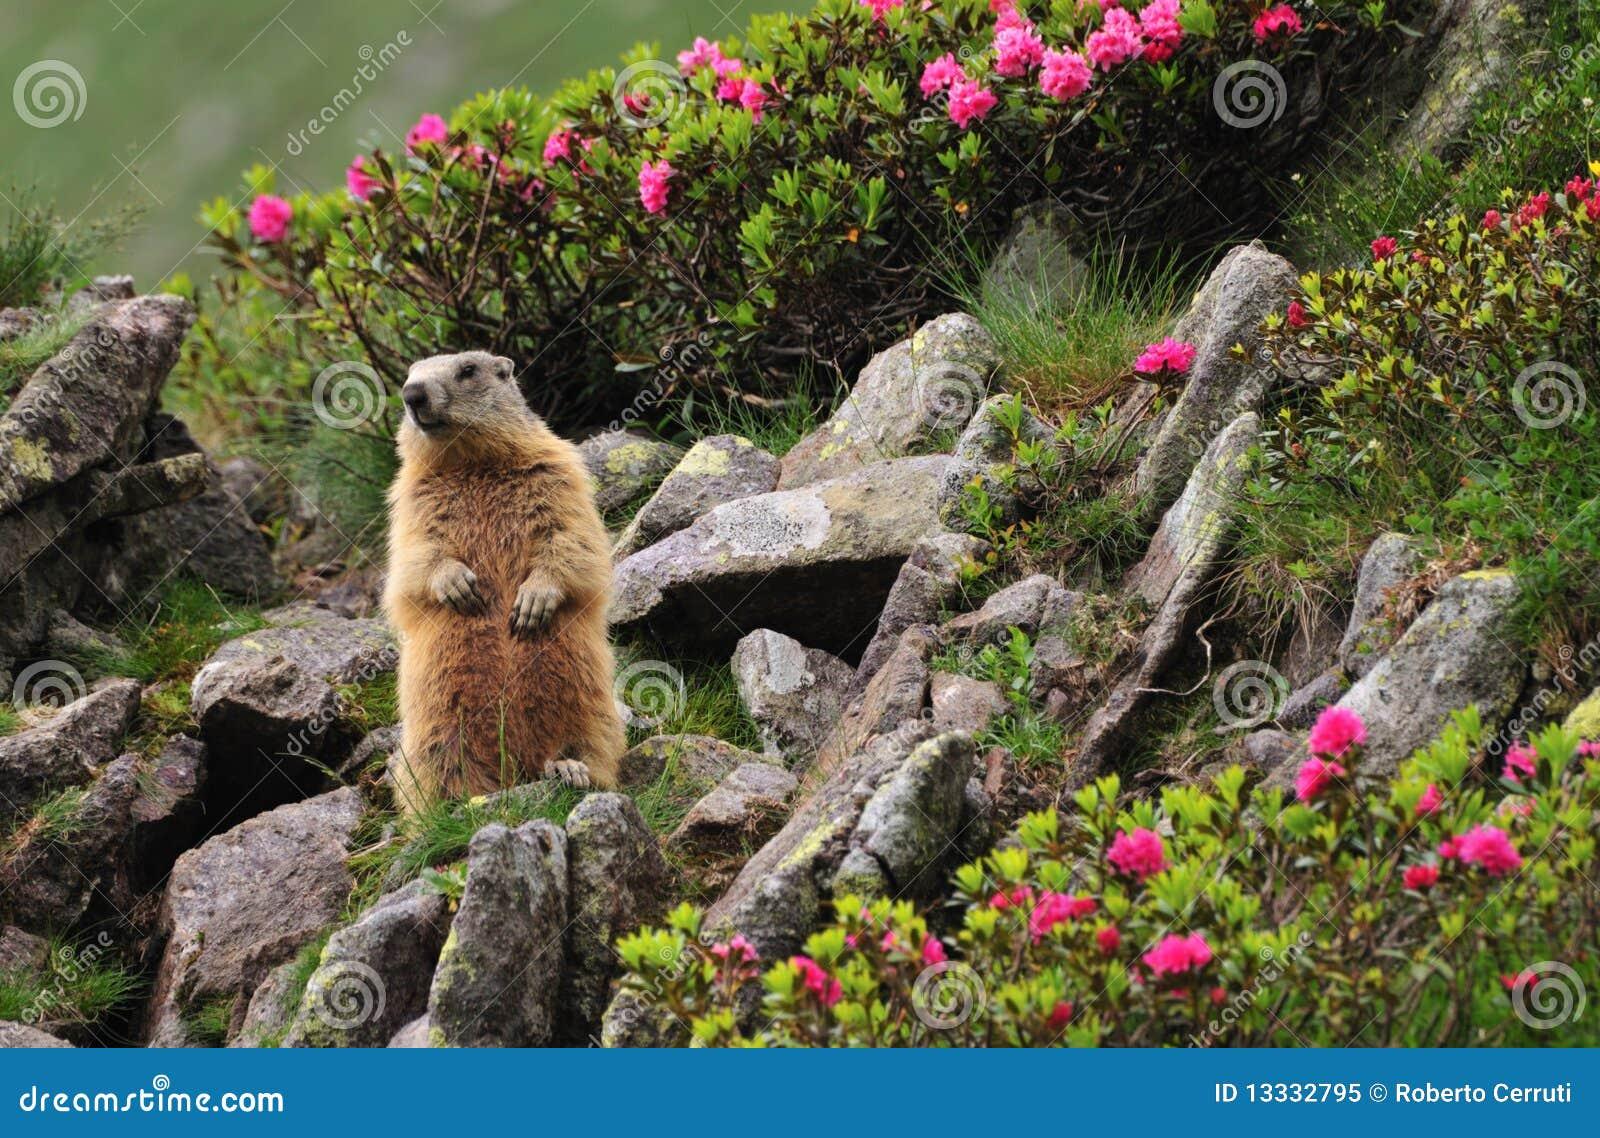 Marmotte entre les fleurs